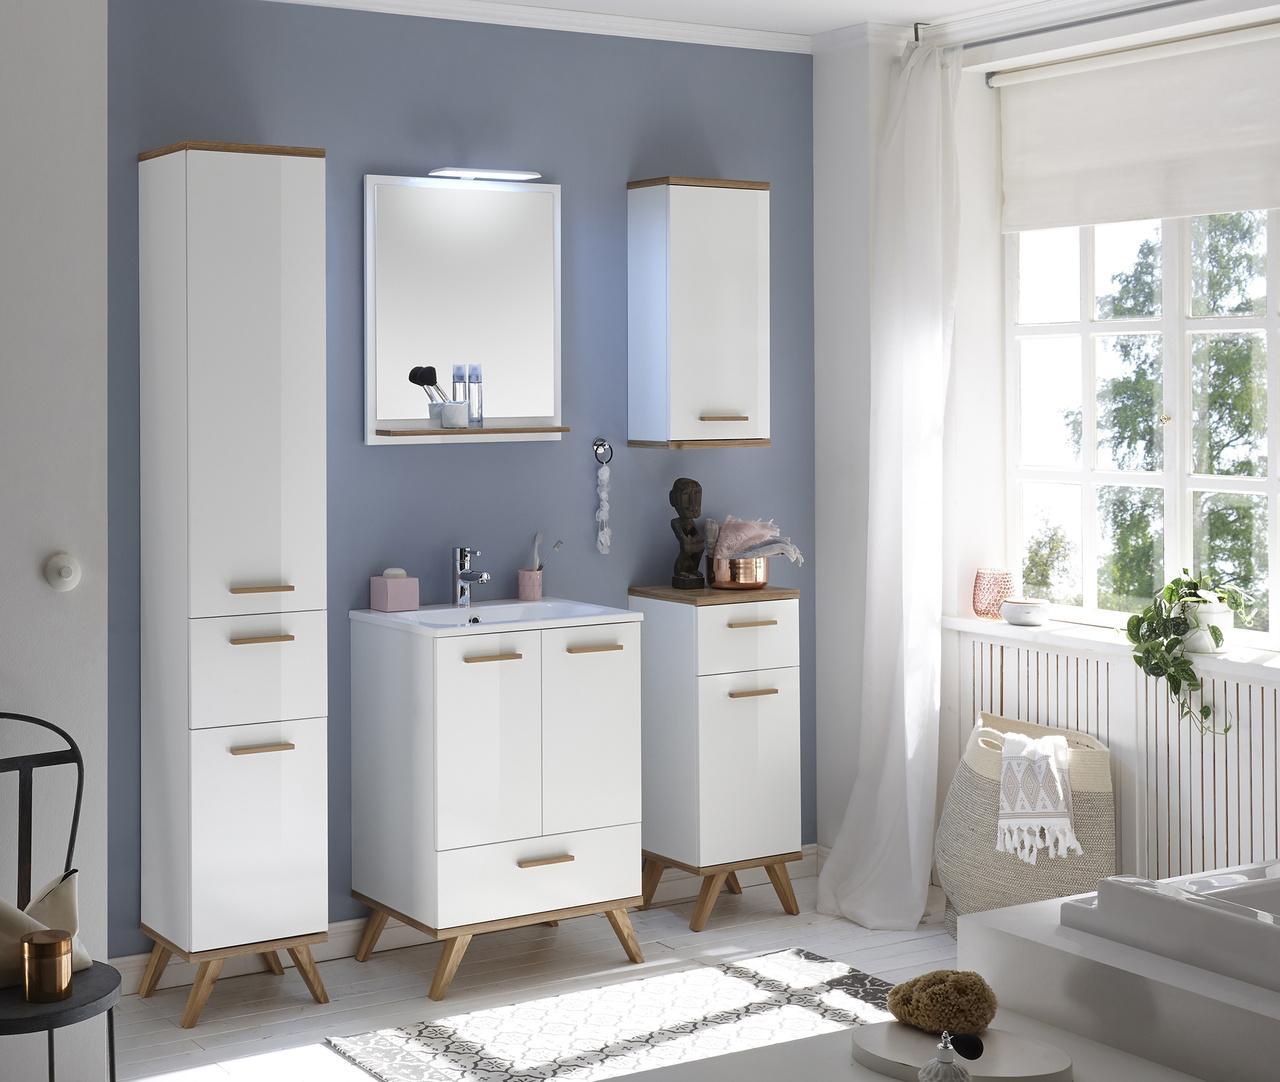 badm bel skandinavisches design reuniecollegenoetsele. Black Bedroom Furniture Sets. Home Design Ideas